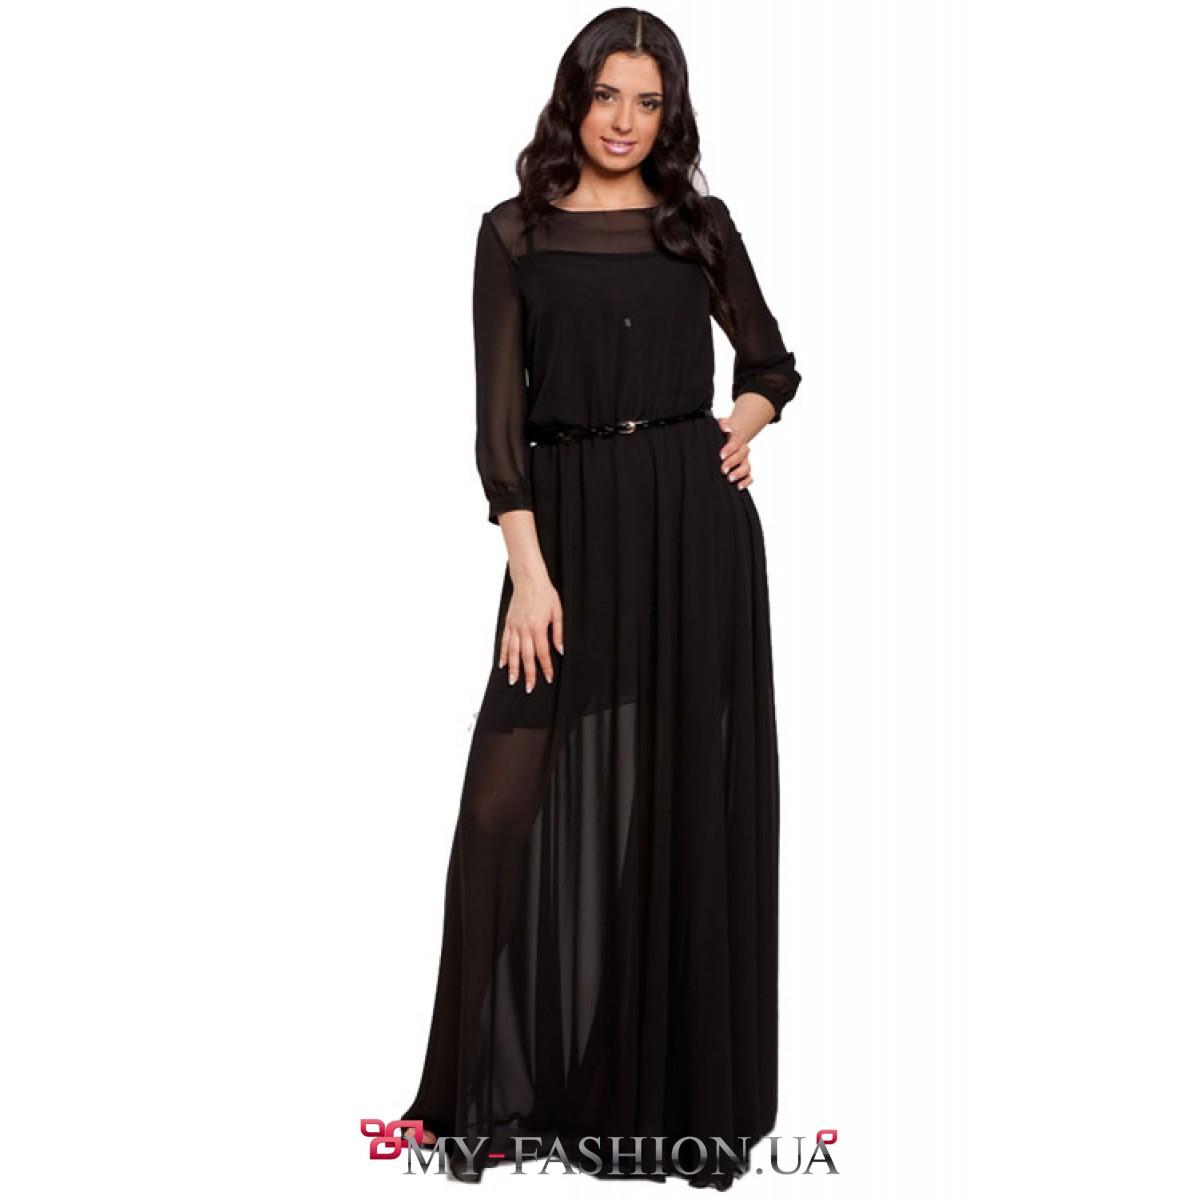 Купить платье чёрное с шифоном